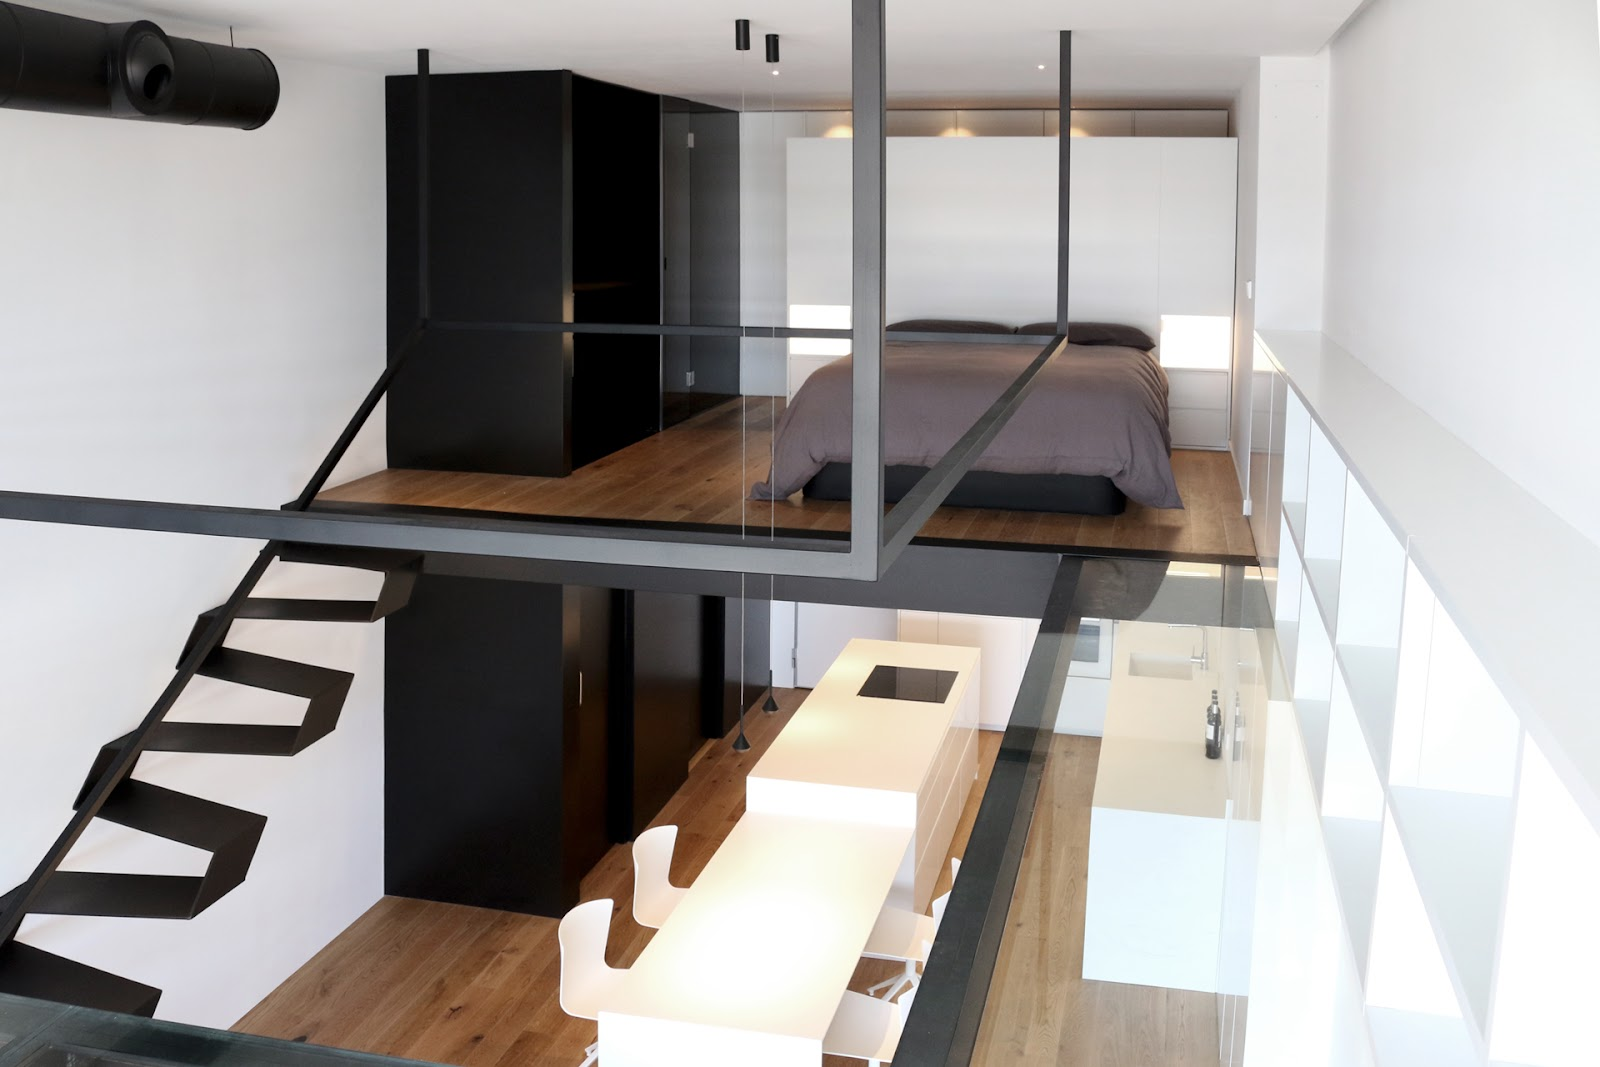 Ruben muedra estudio de arquitectura valencia - Loft valencia ...